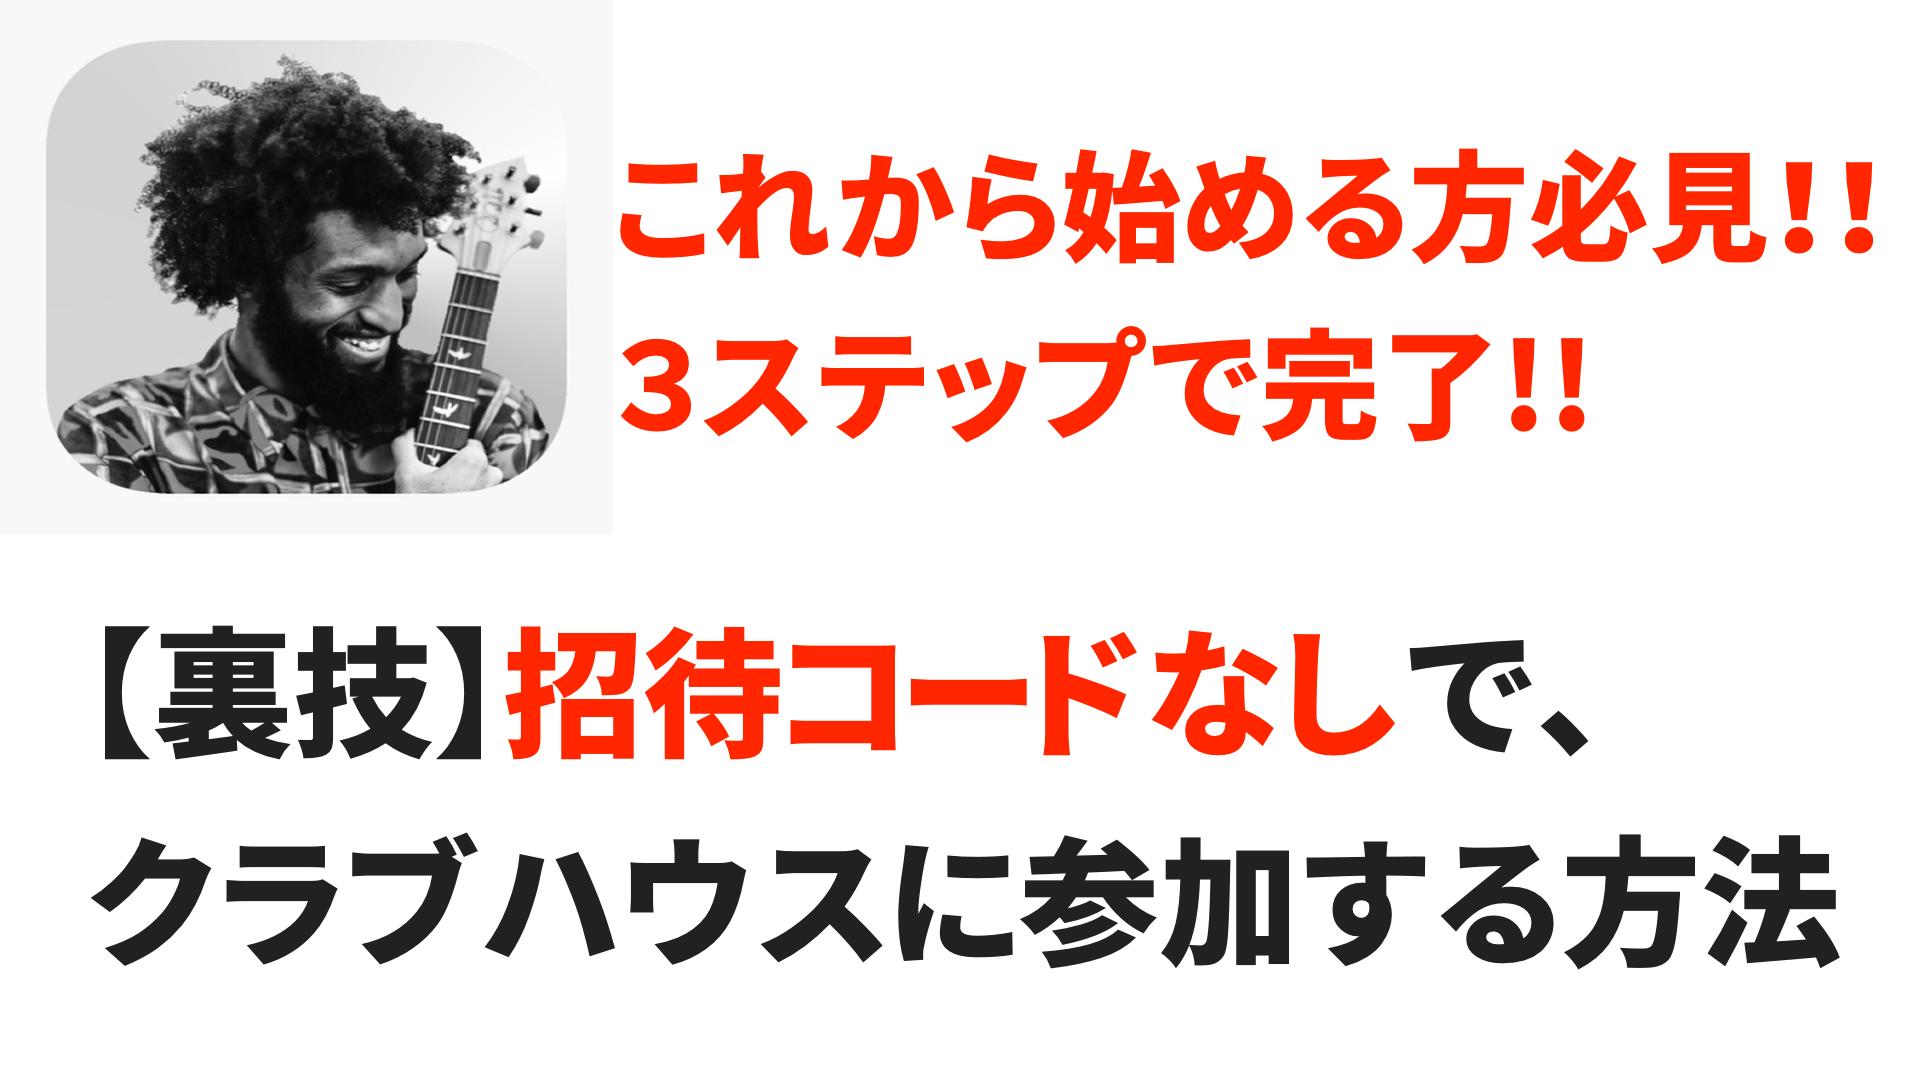 コード clubhouse 招待